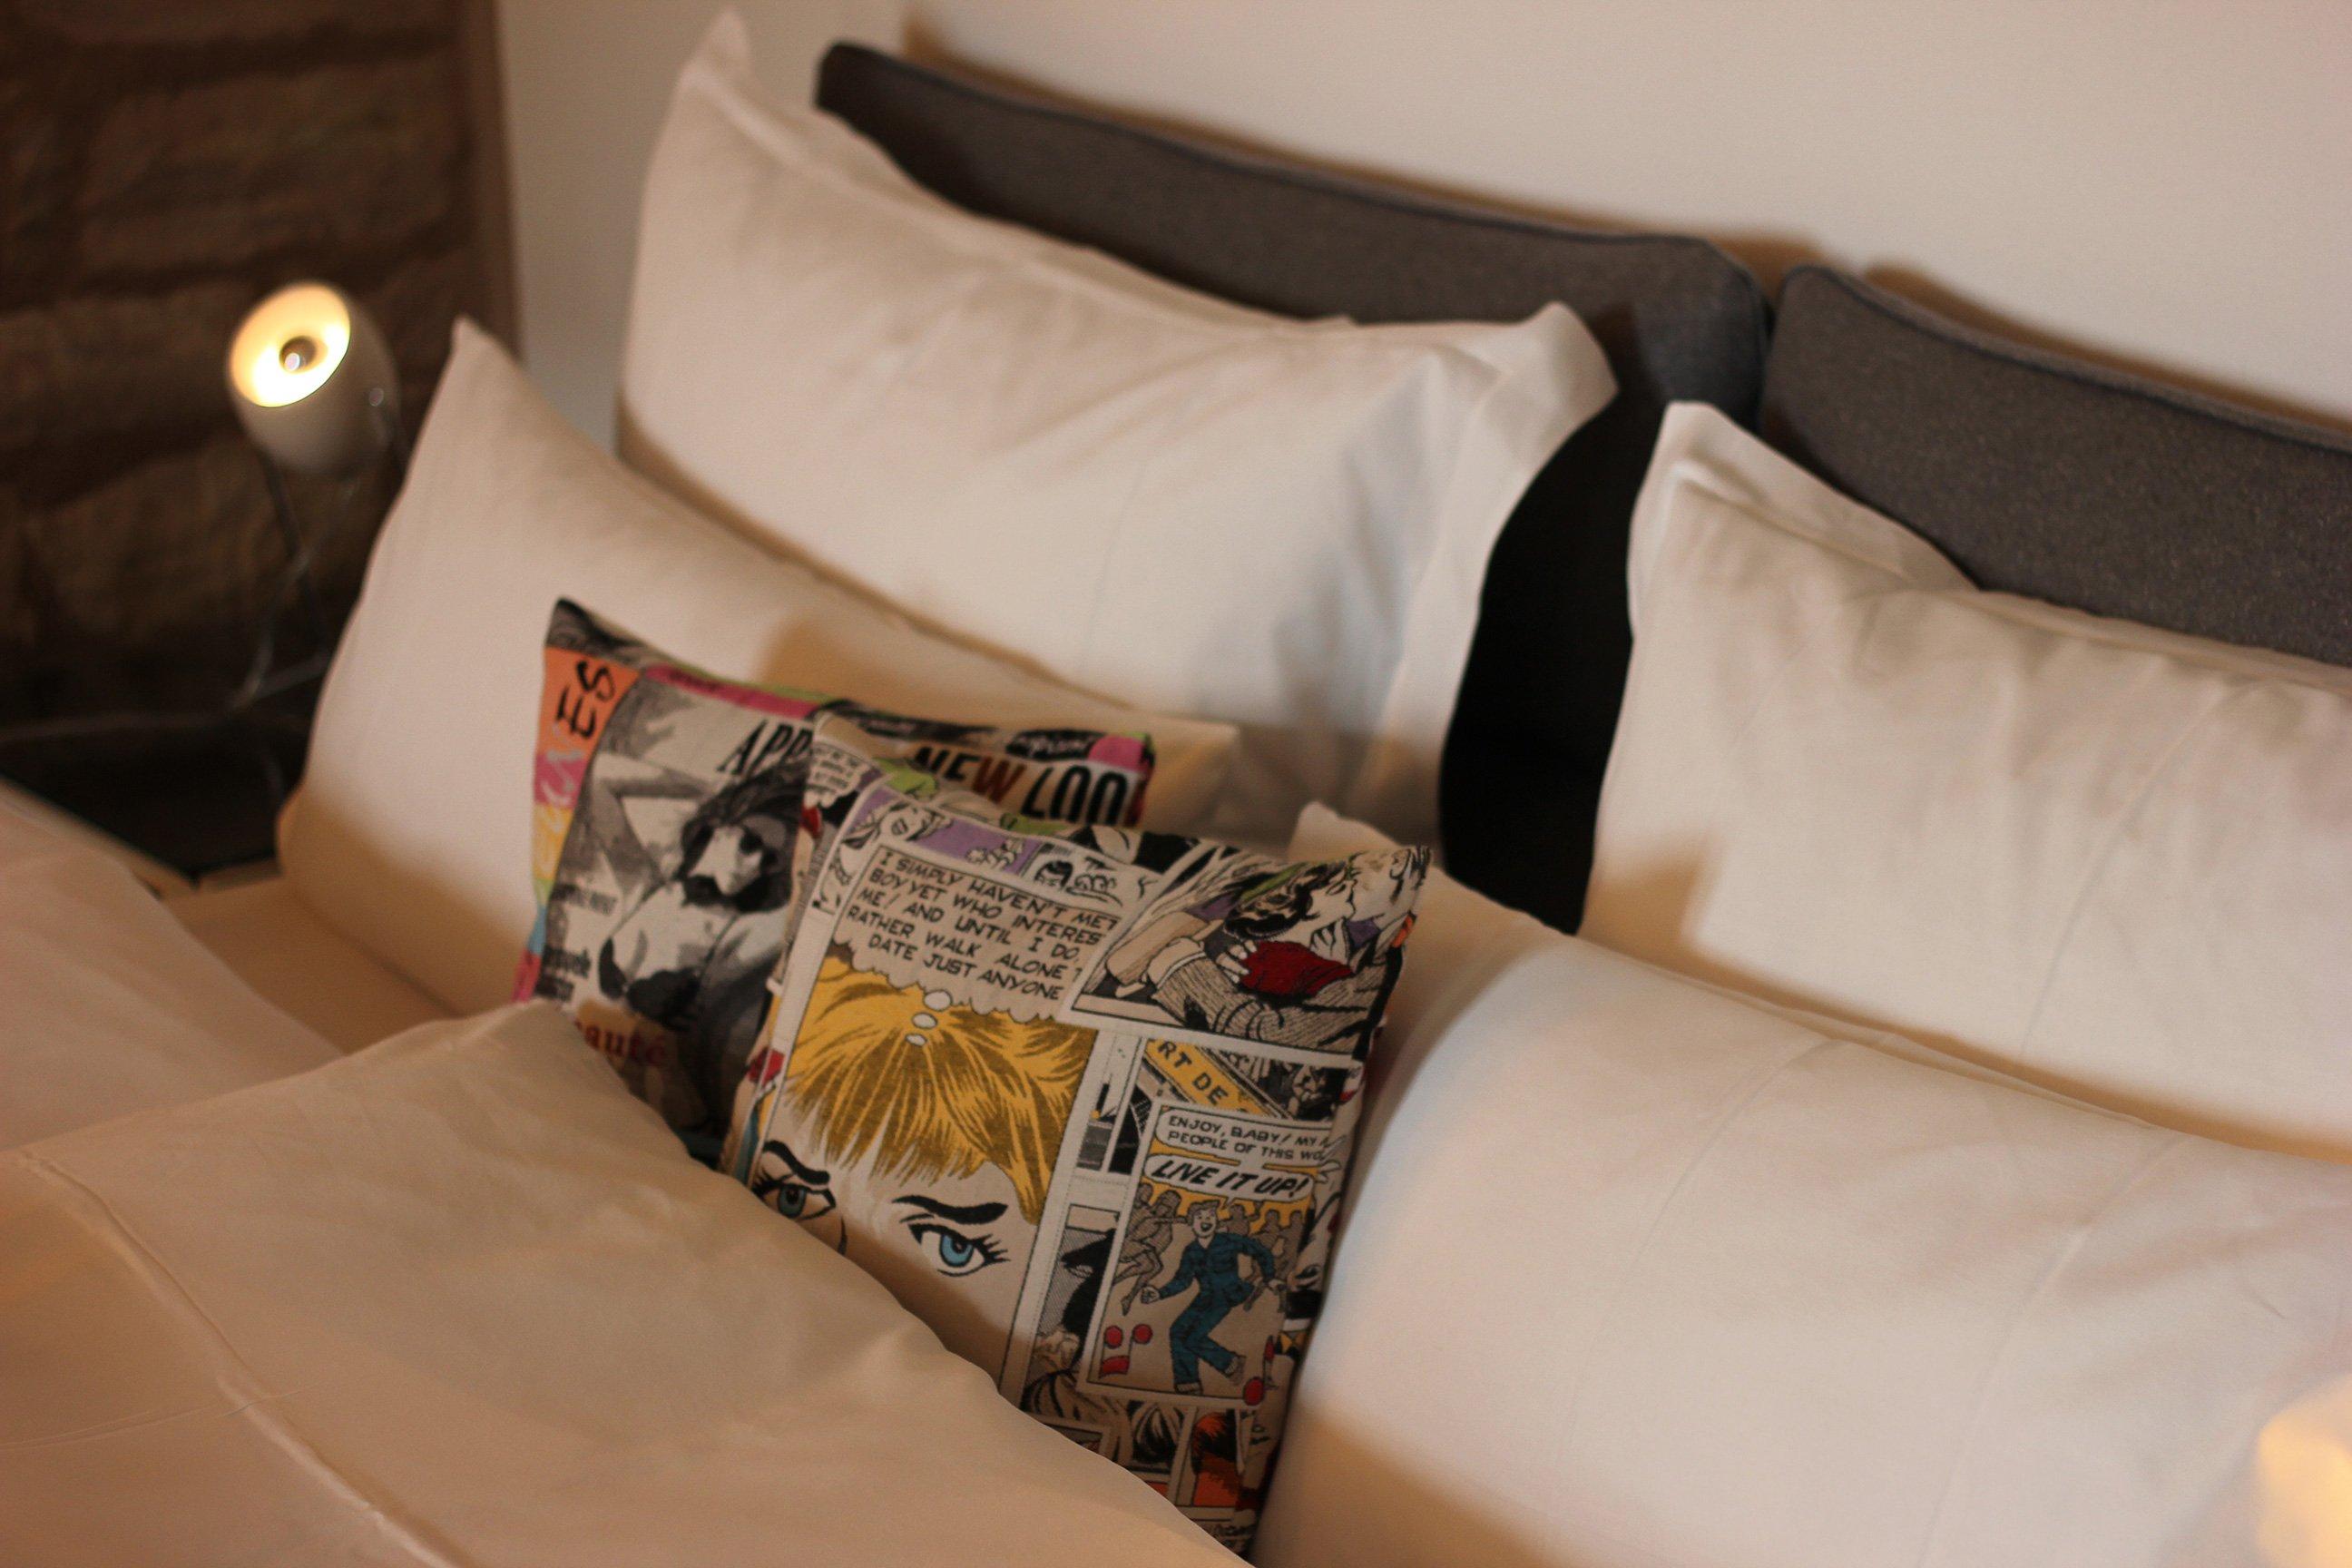 Das Bett in der Bude